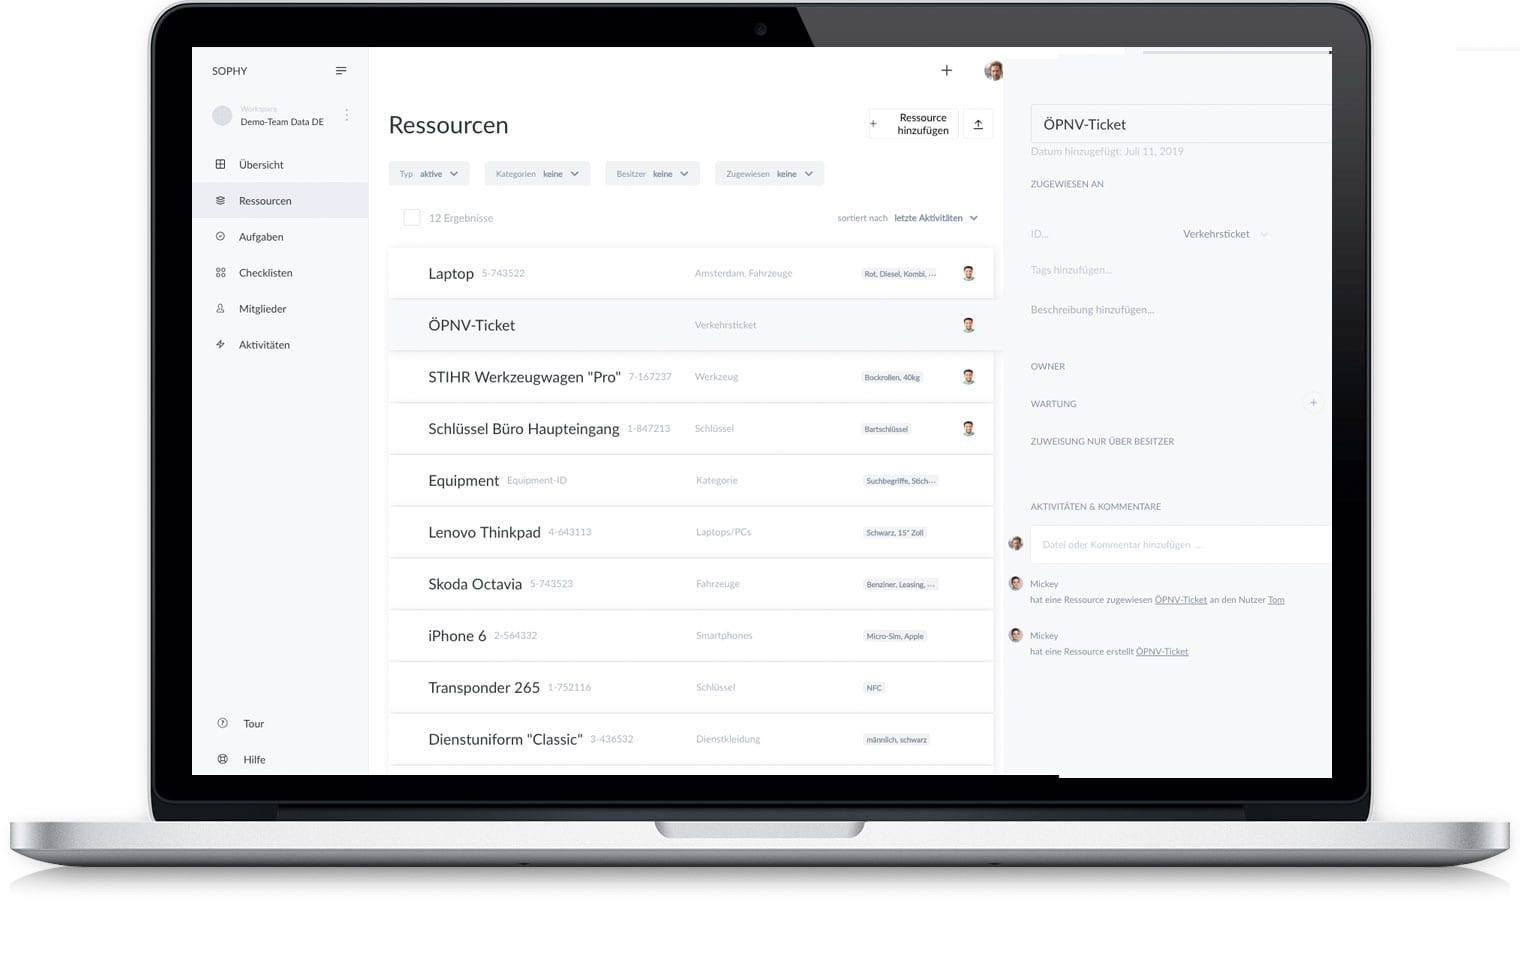 Sophy asset management screenshot